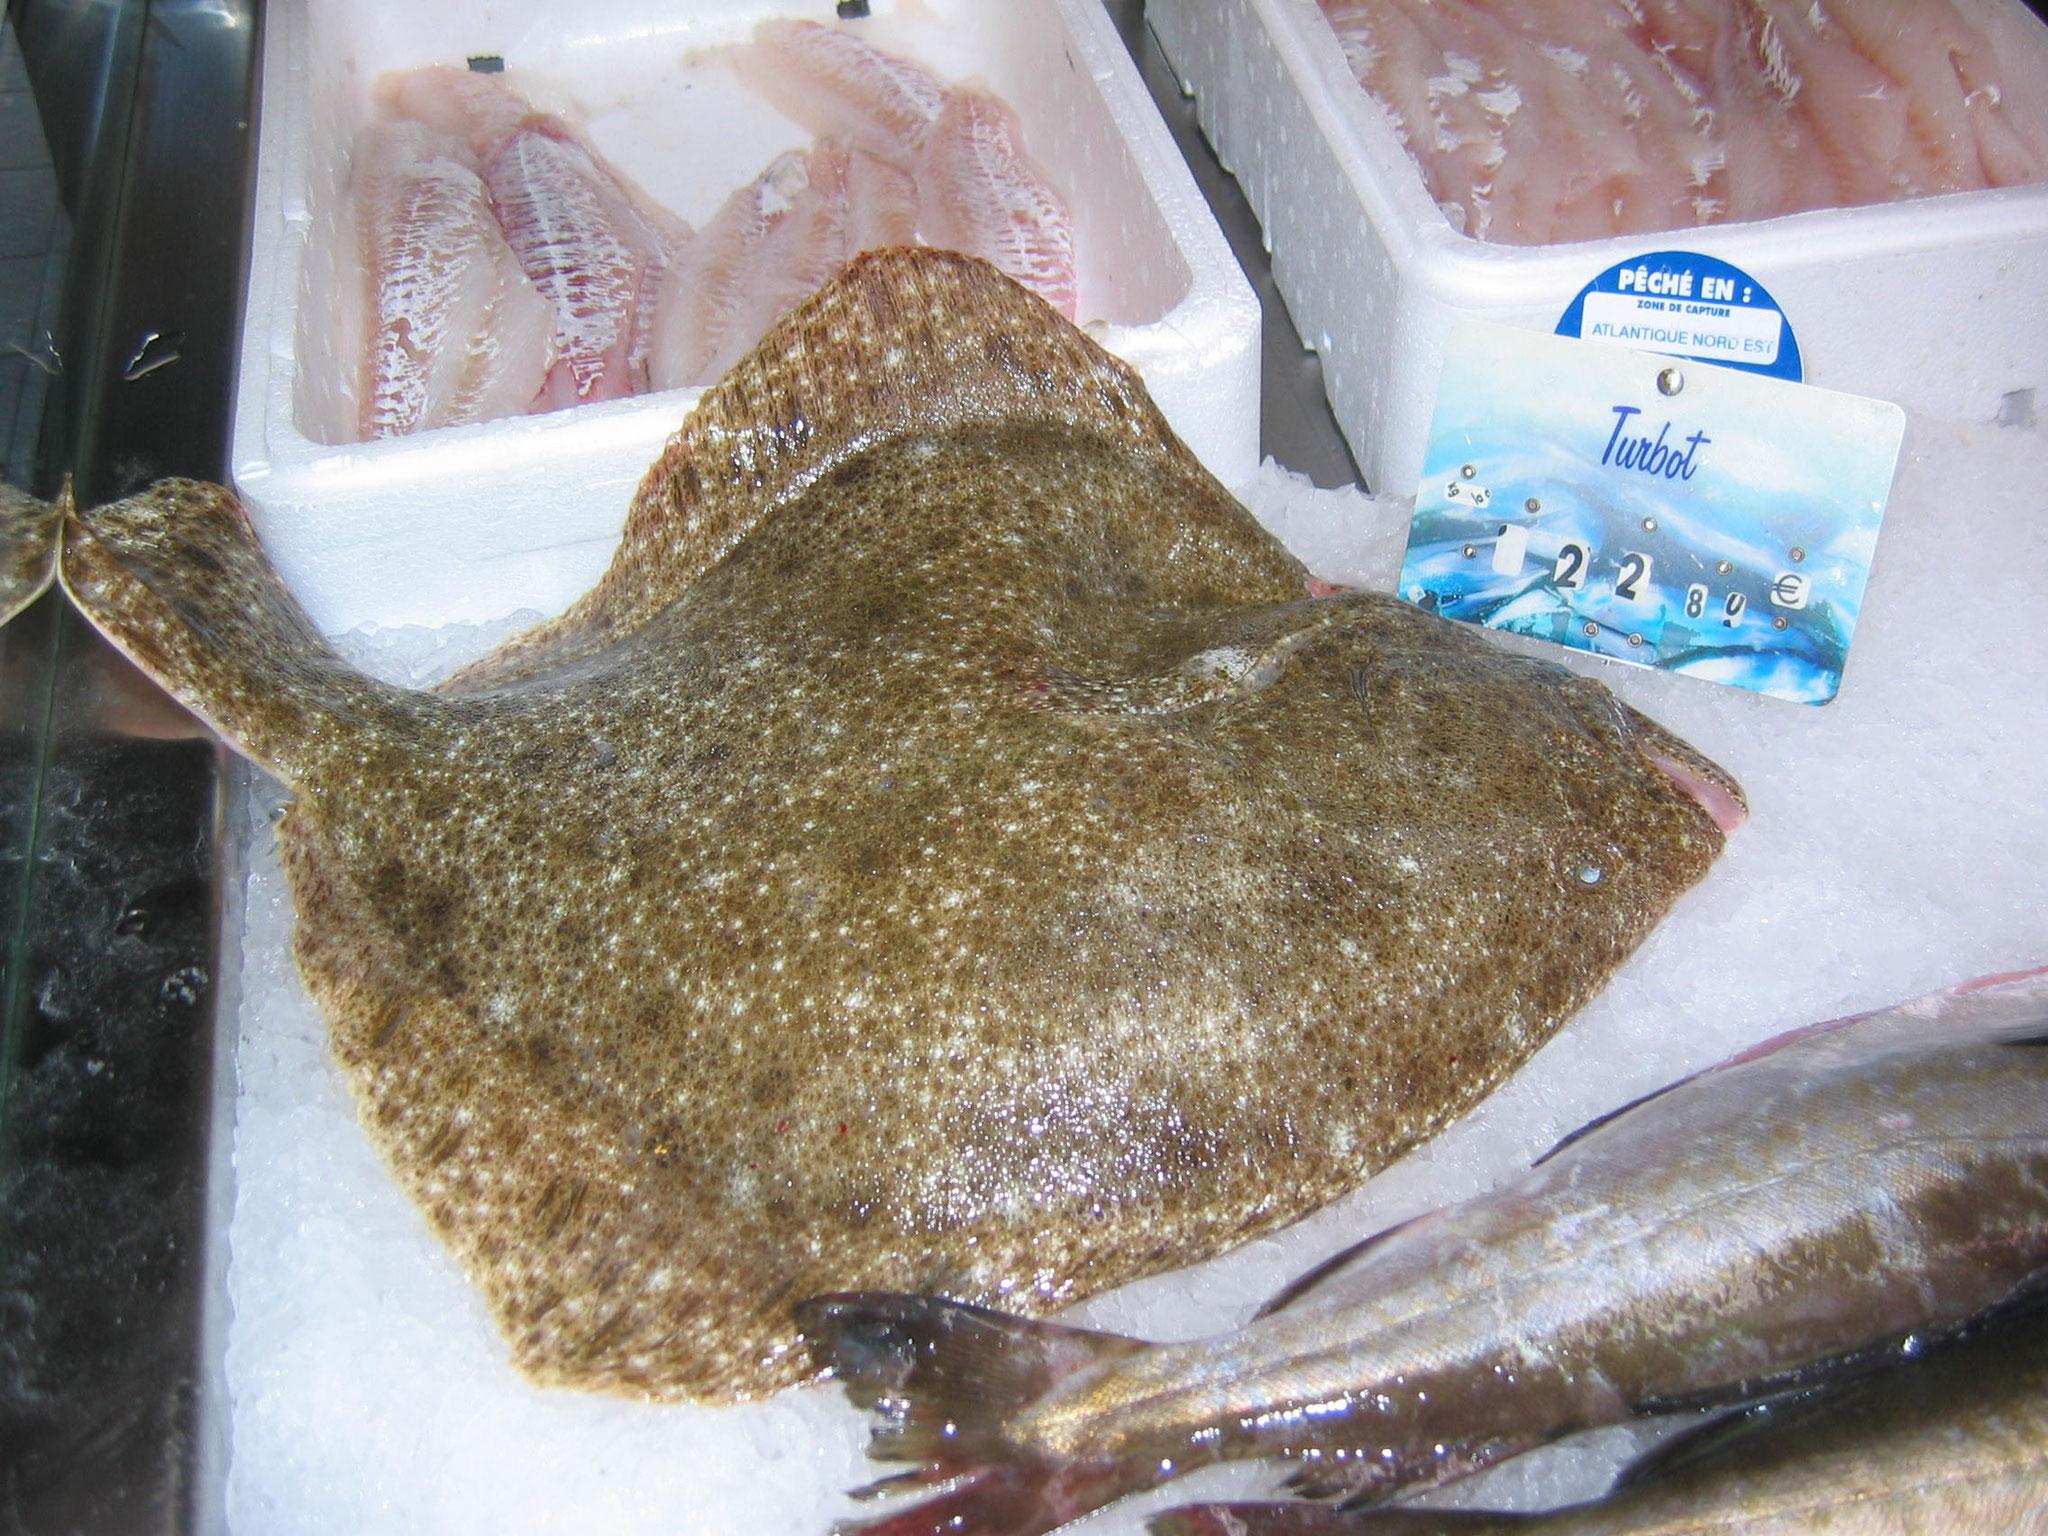 Der Steinbutt ist mit das Beste, was man auf dem Fischmarkt findet